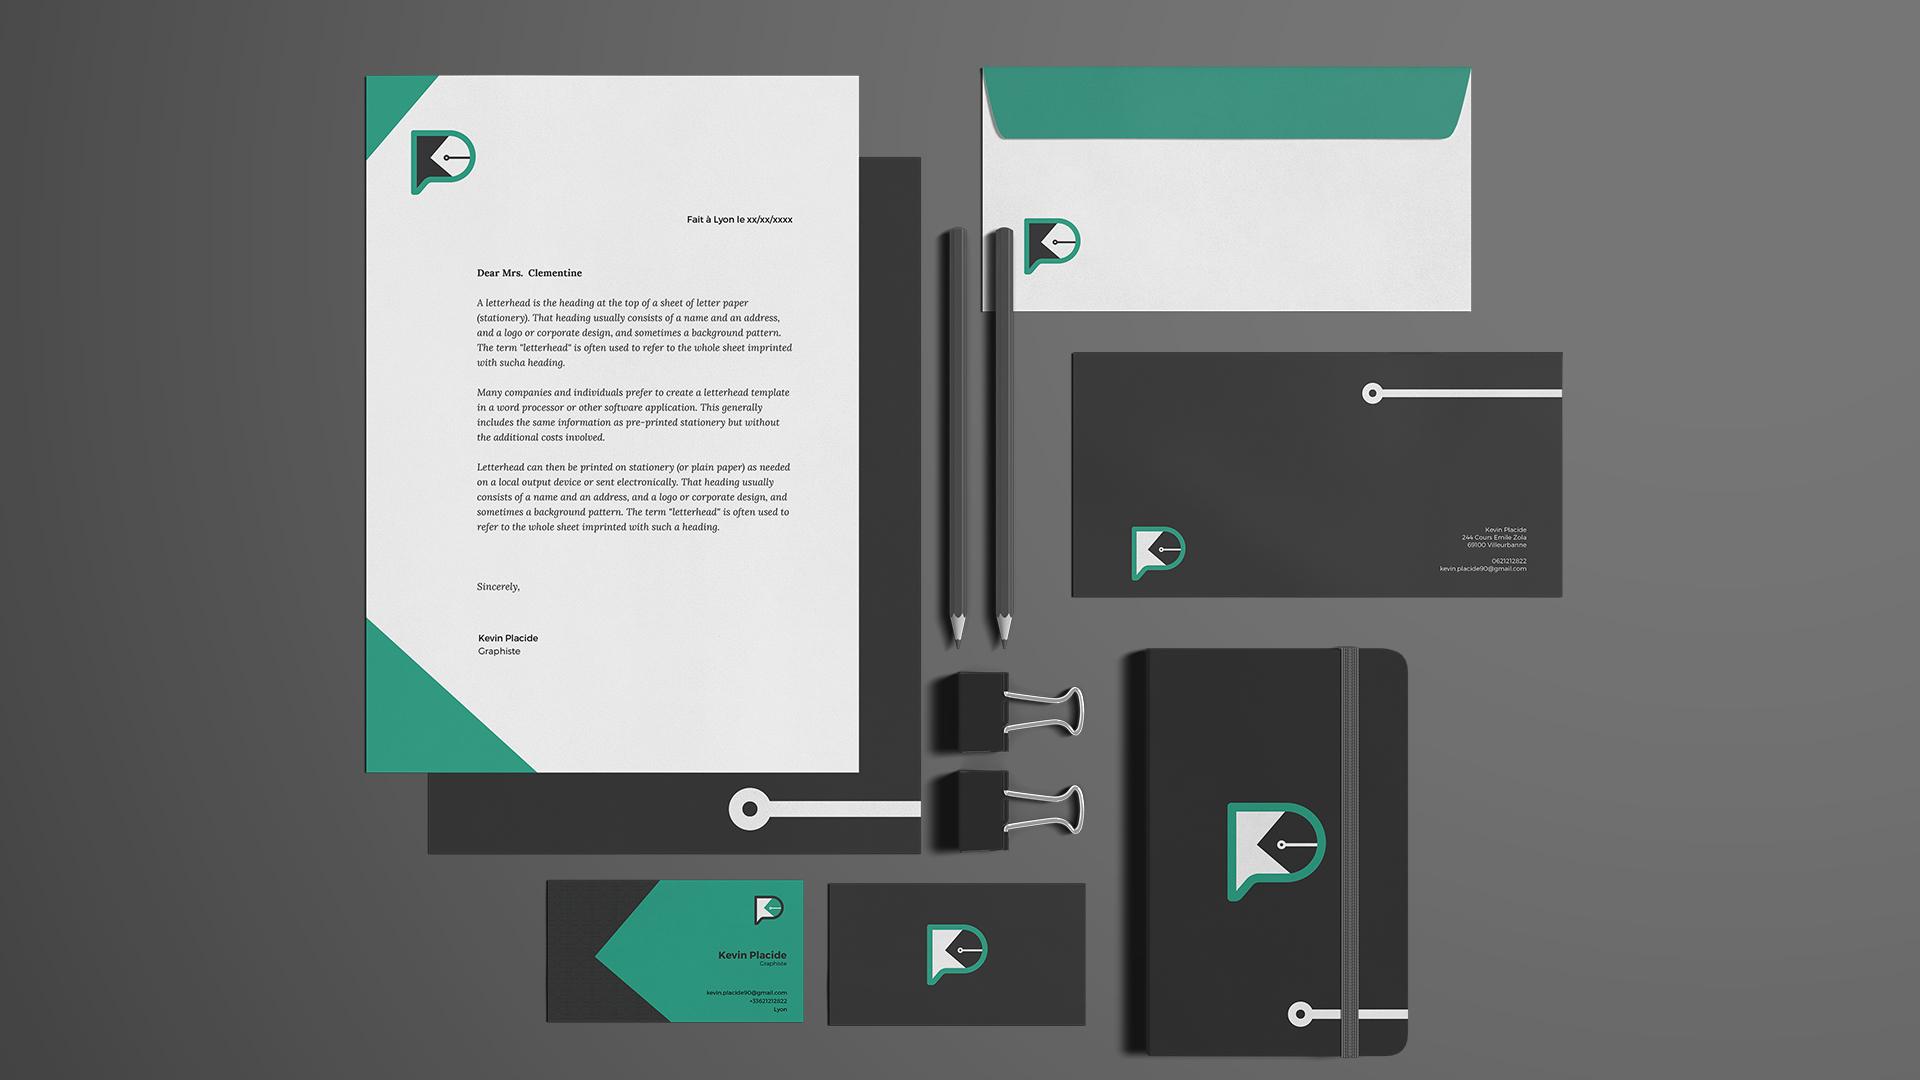 Identité visuelle rebranding Kevin Placide